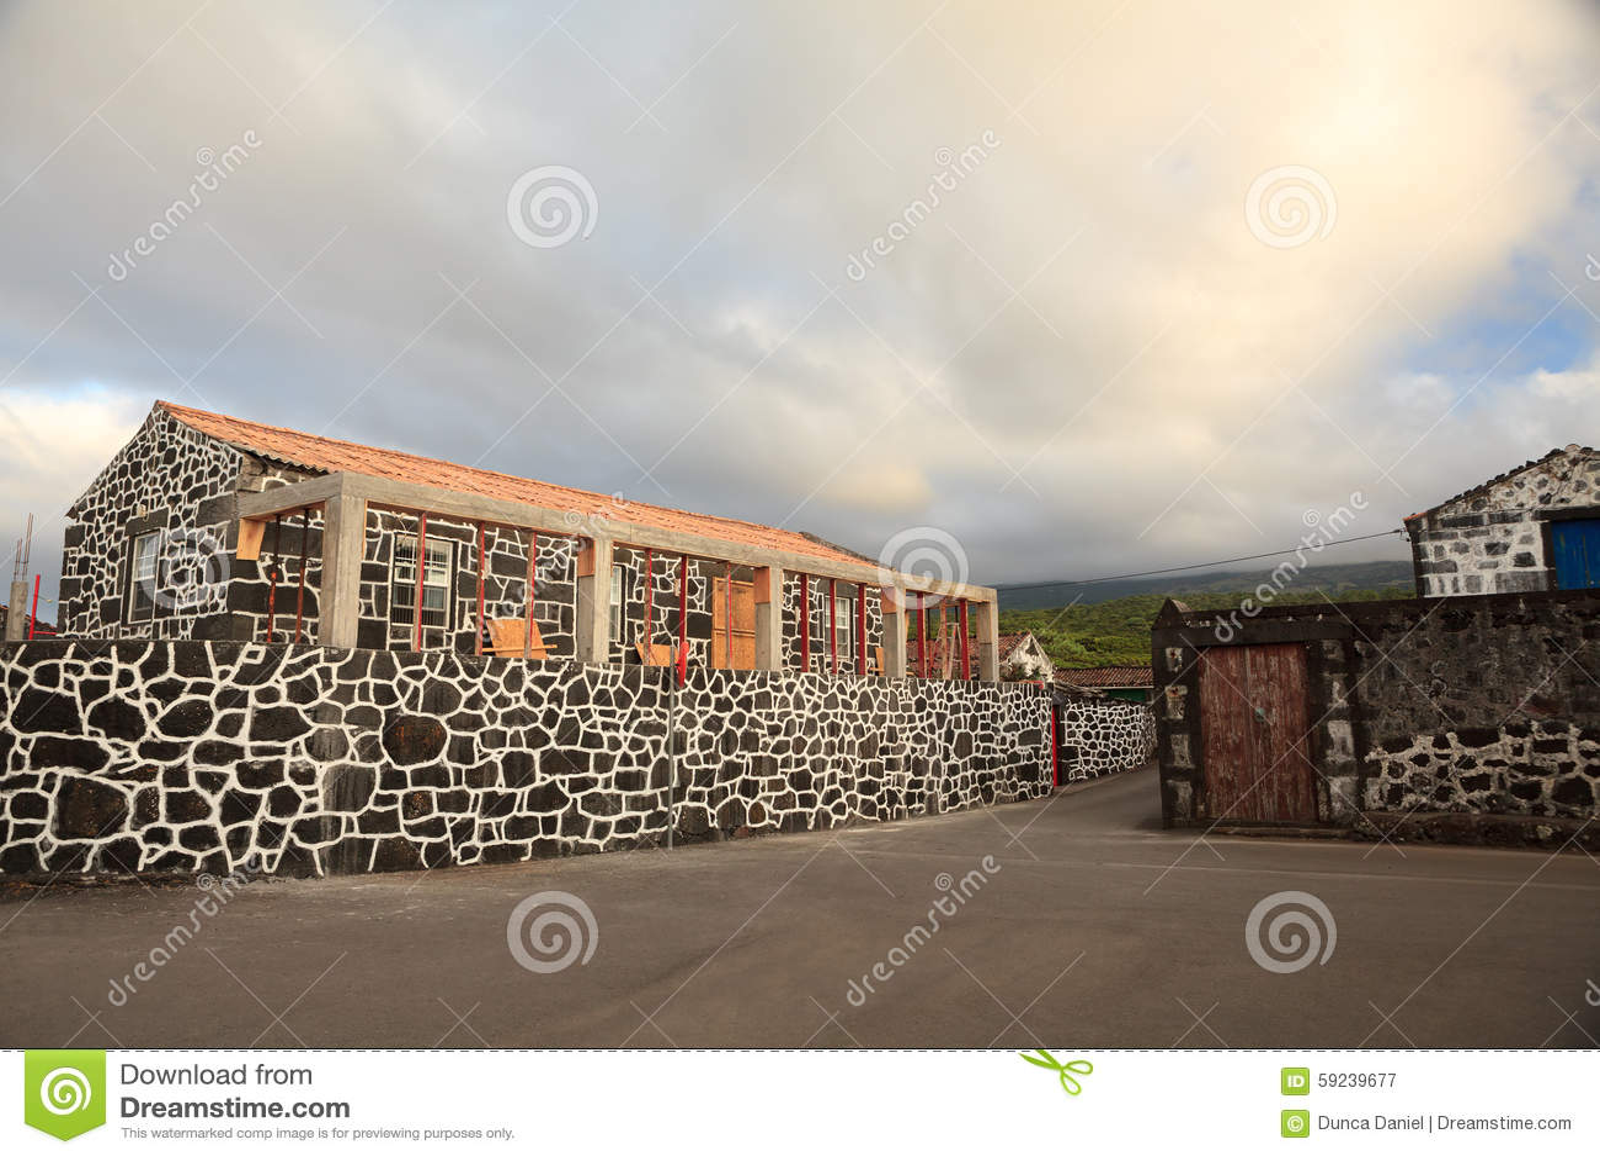 Download Casas Tradicionales De Pico Island En Azores Imagen de archivo - Imagen de edificios, recorrido: 59239677